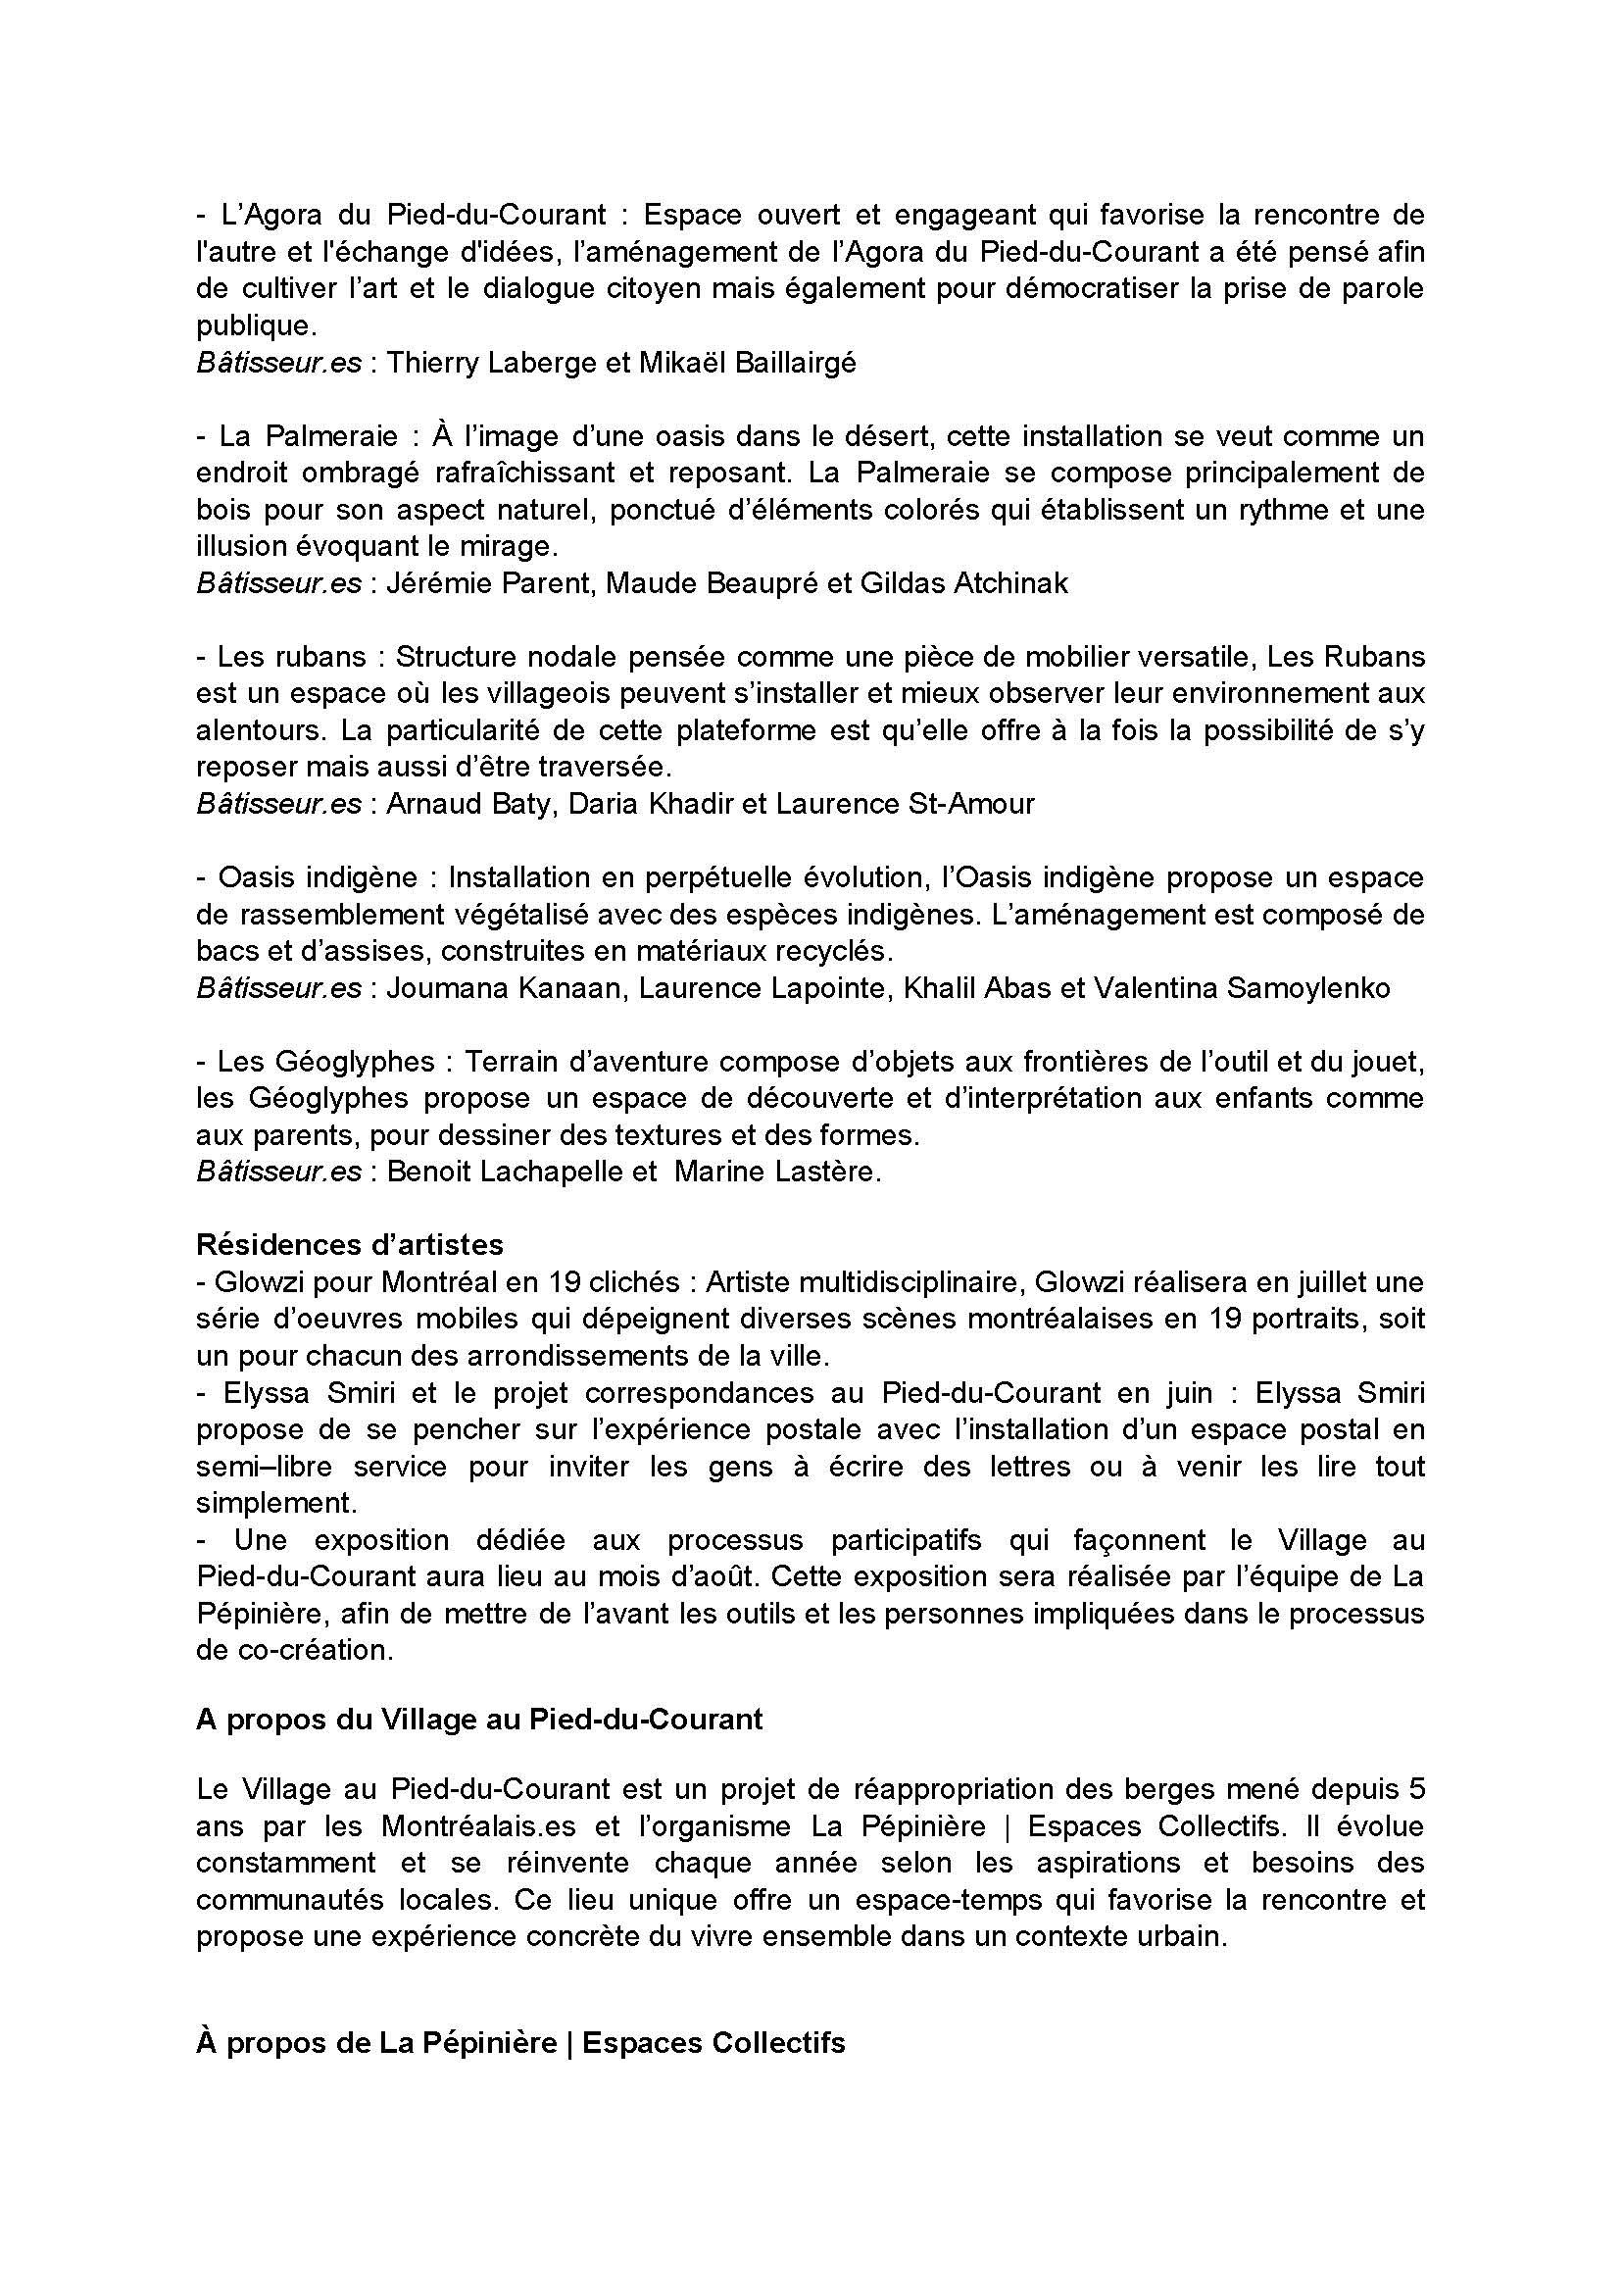 Communiqué date ouverture VPDC+APP _Page_2.jpg